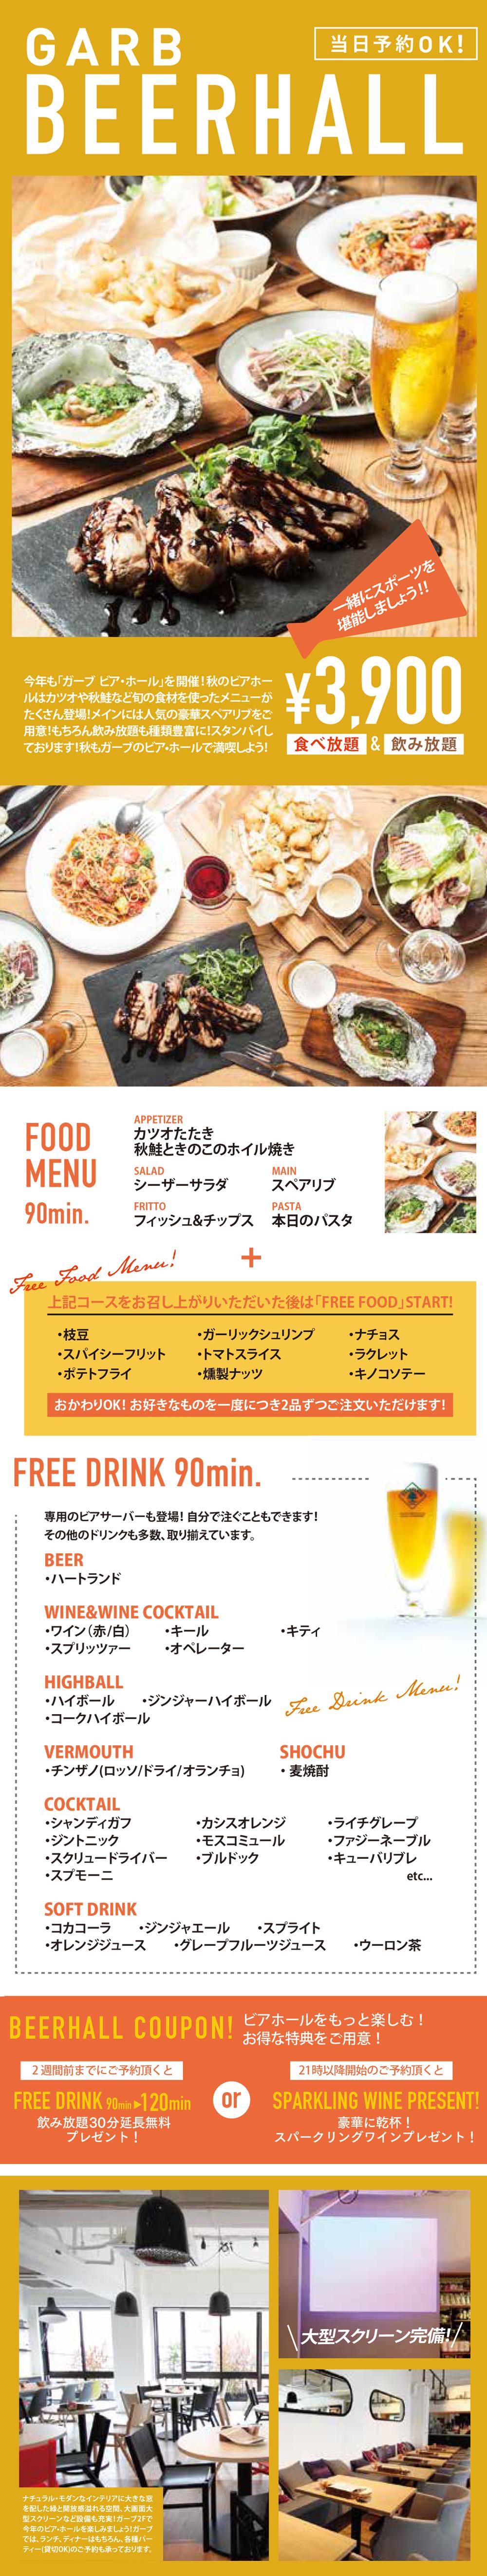 cg_beer.jpg